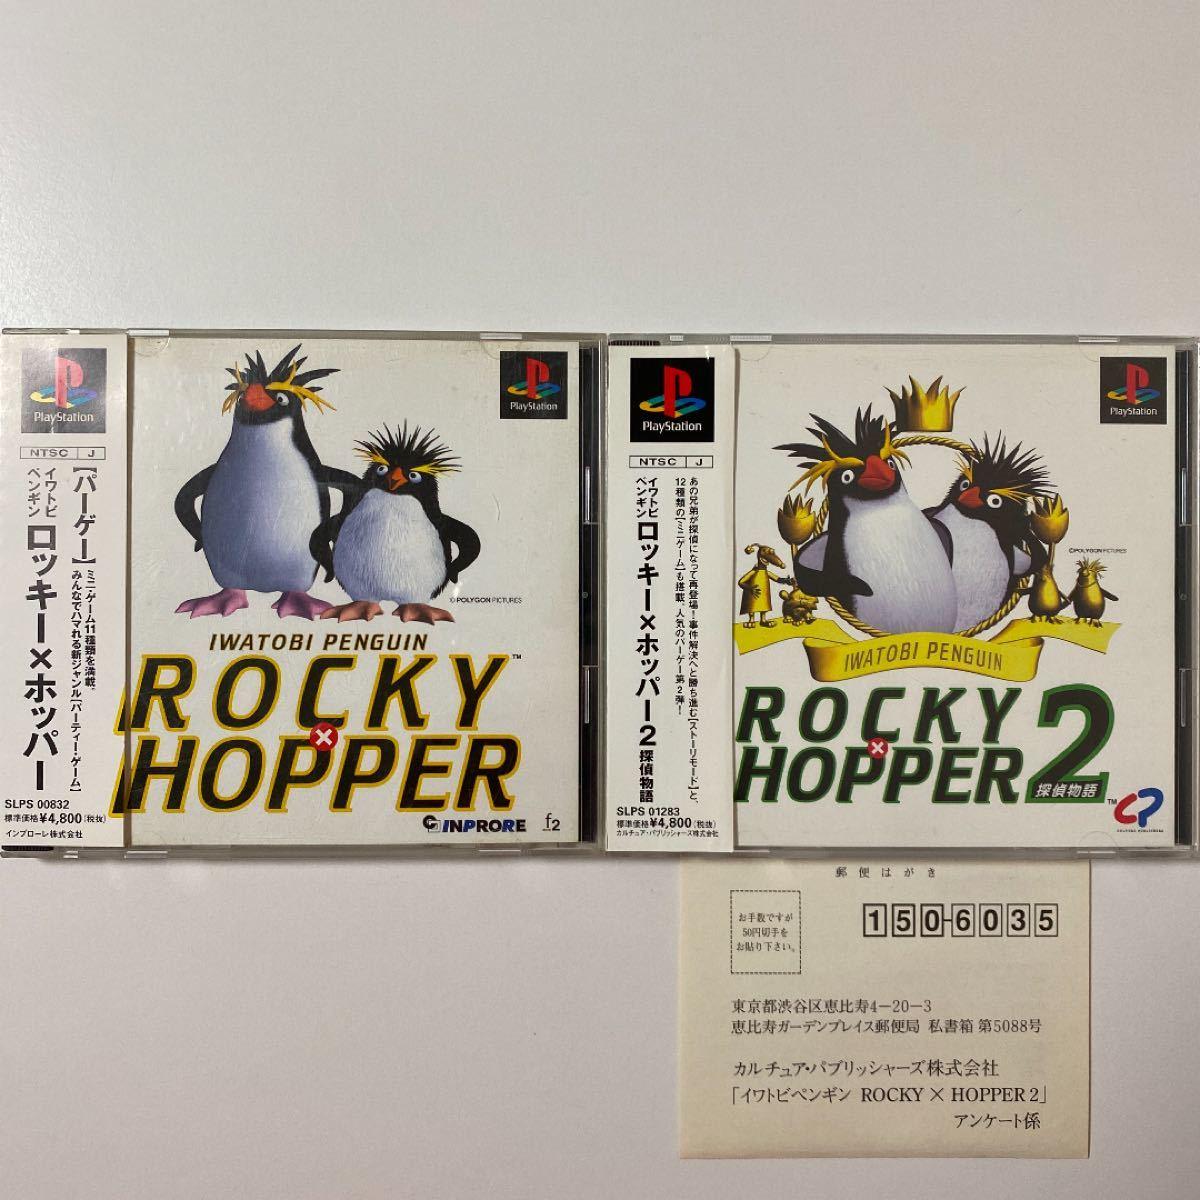 プレイステーション ロッキー×ホッパーセット